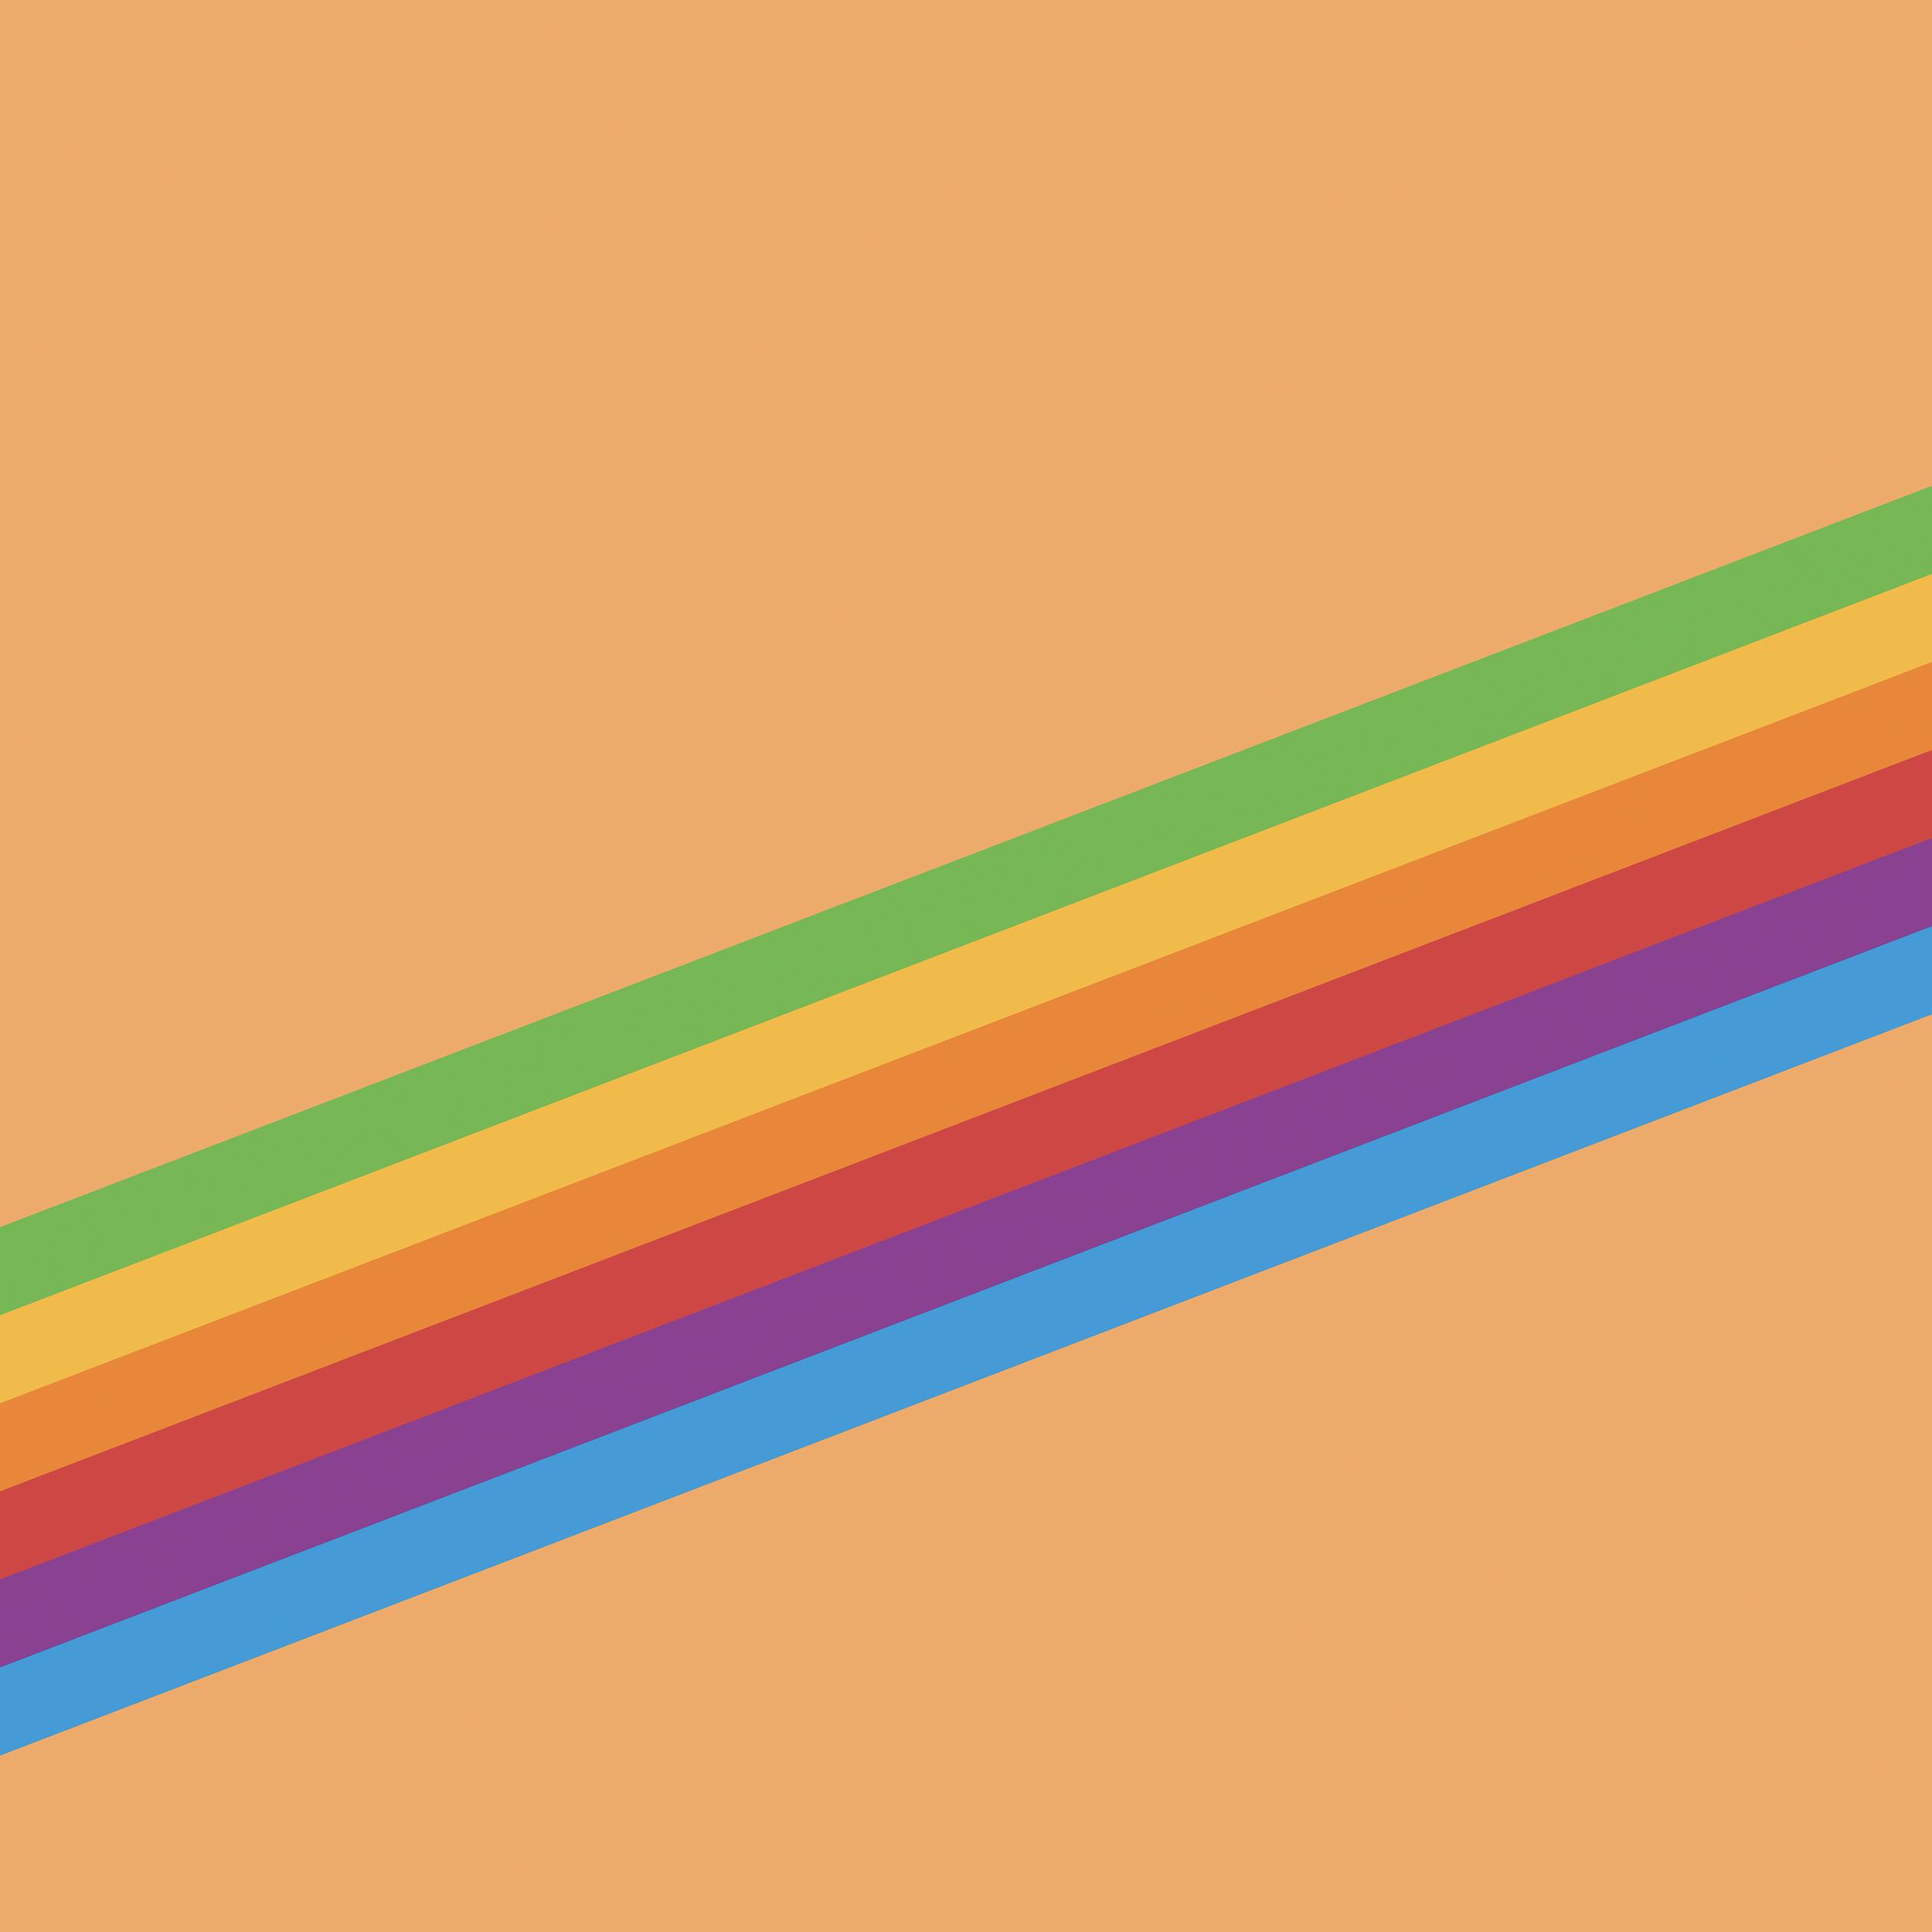 Fondo de pantalla con el arcoíris de Apple en iOS 11